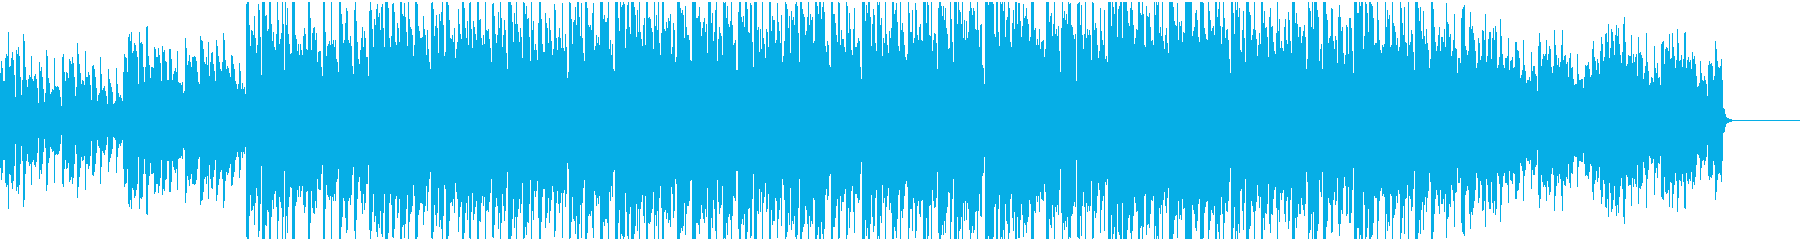 ガムラン 16bit48kHzVerの再生済みの波形